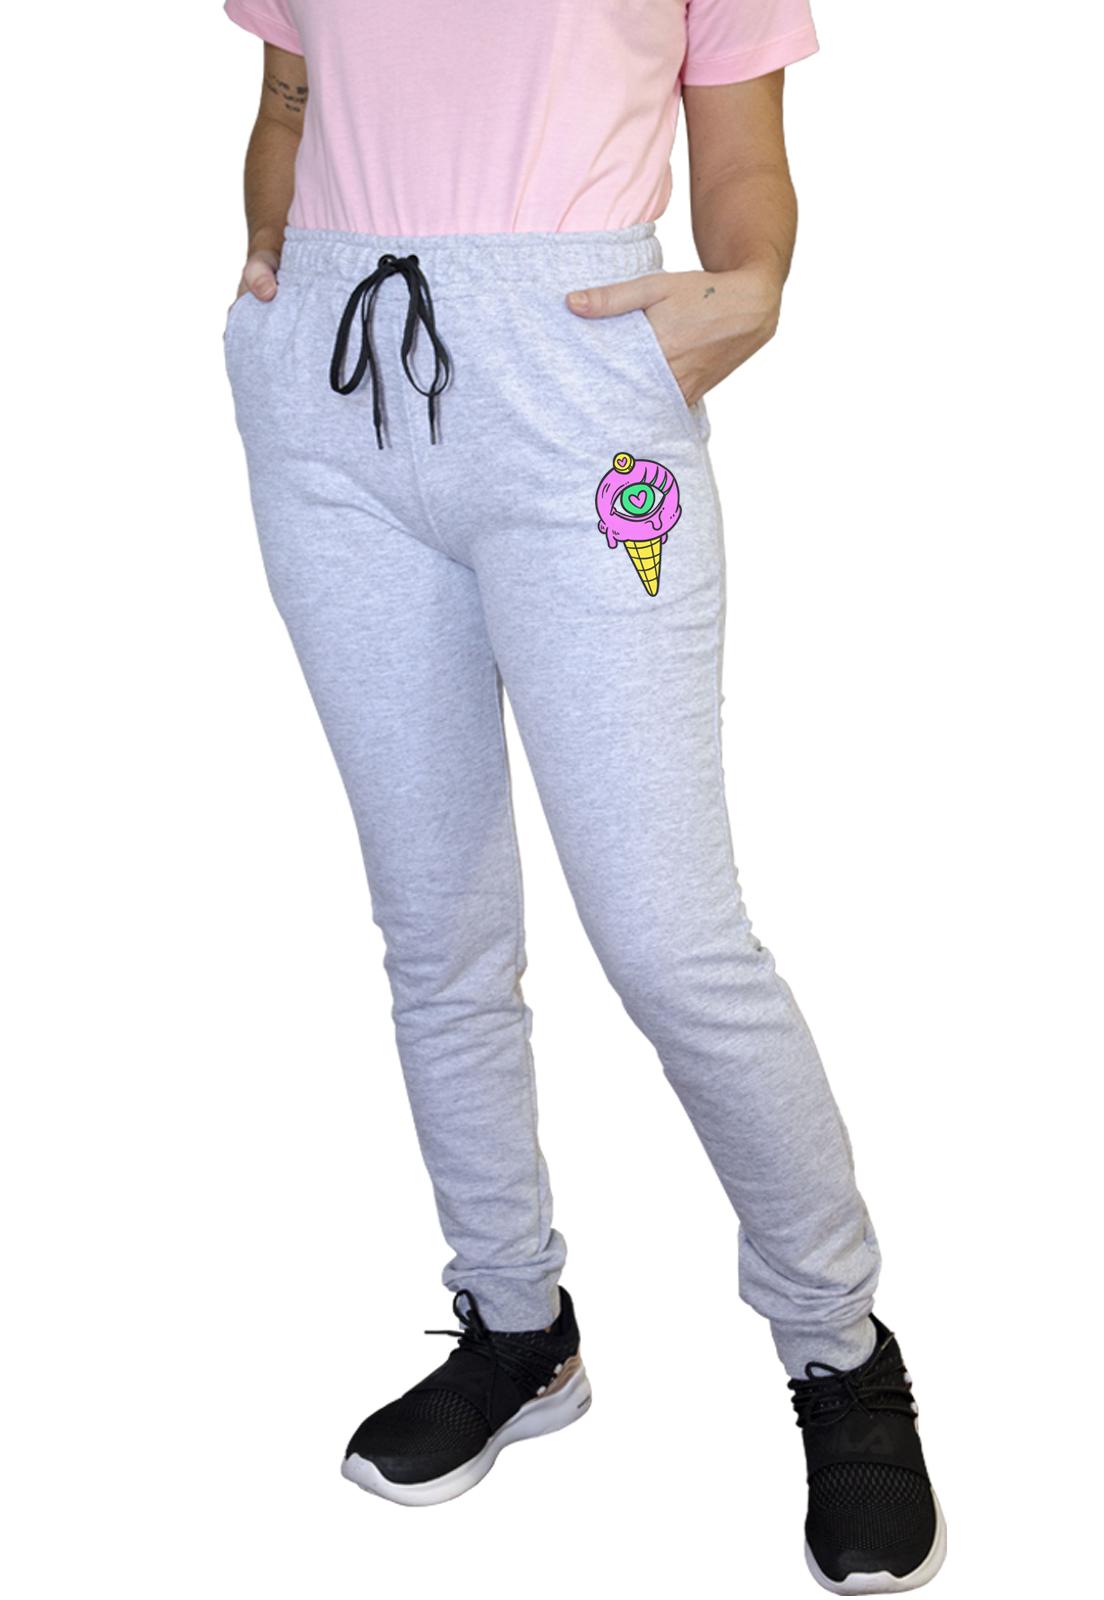 Calça Feminina Jogger Boutique Judith Purple Ice